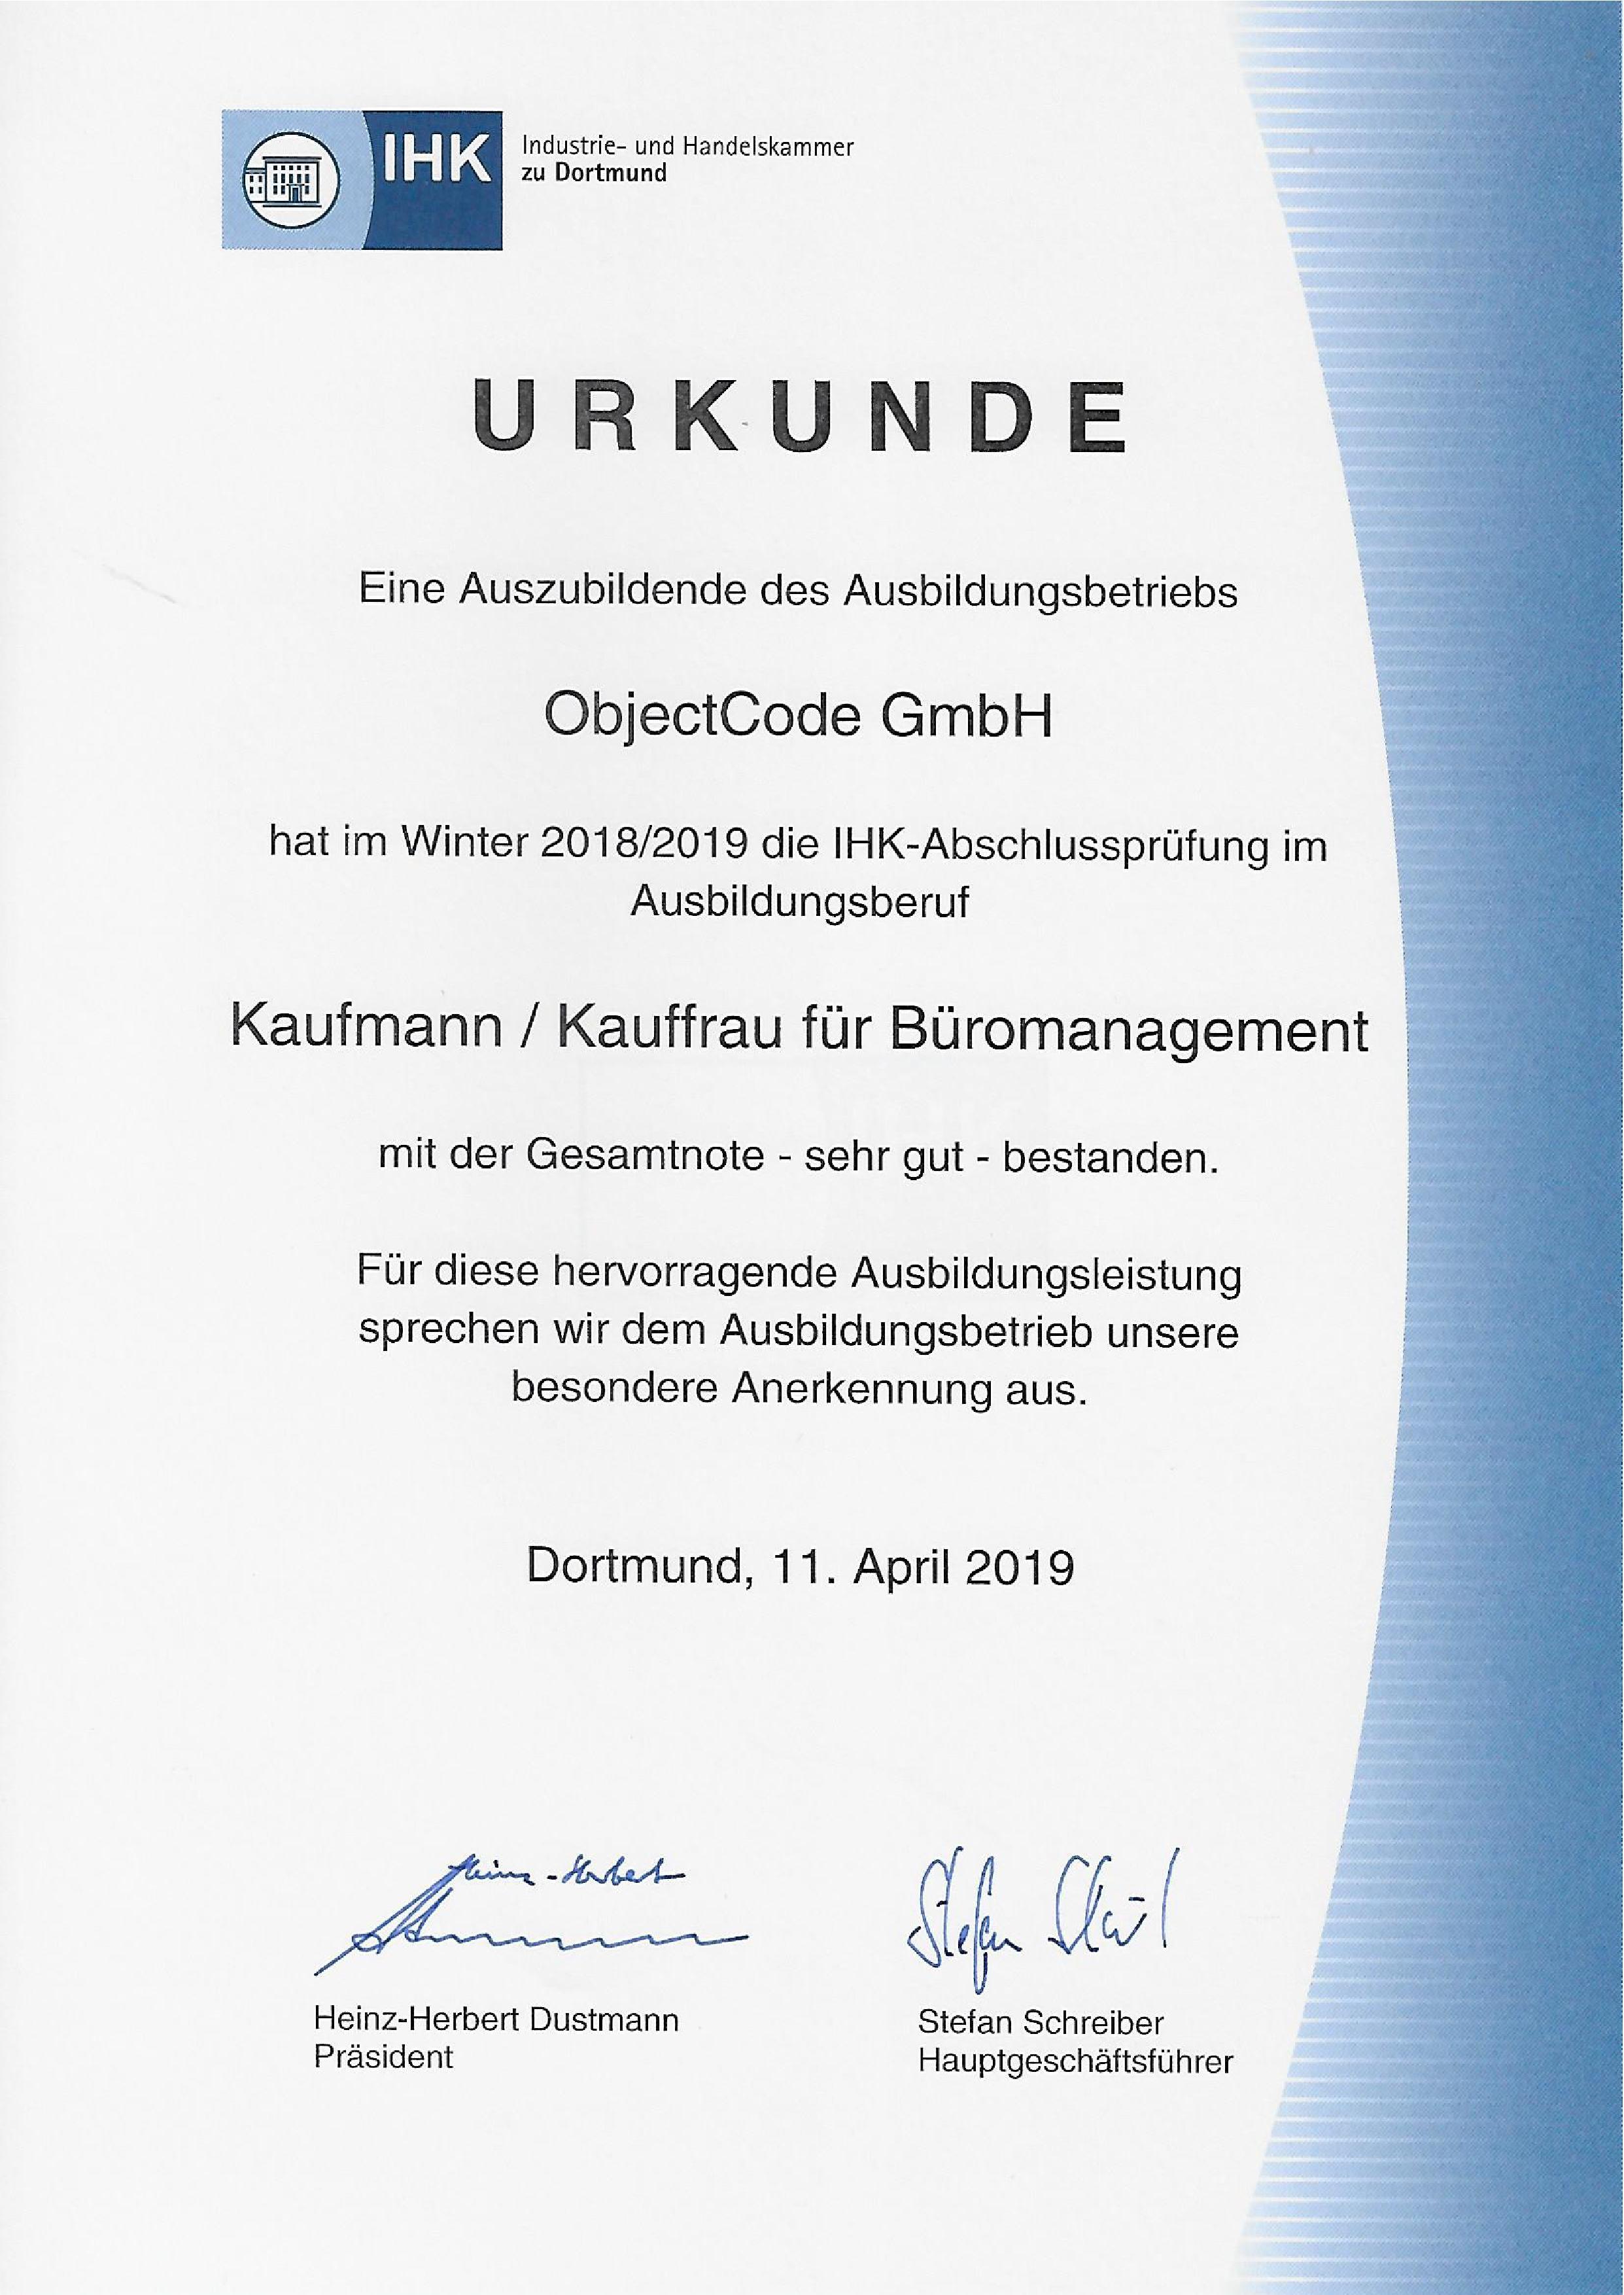 Urkunde der IHK für die ObjectCode GmbH